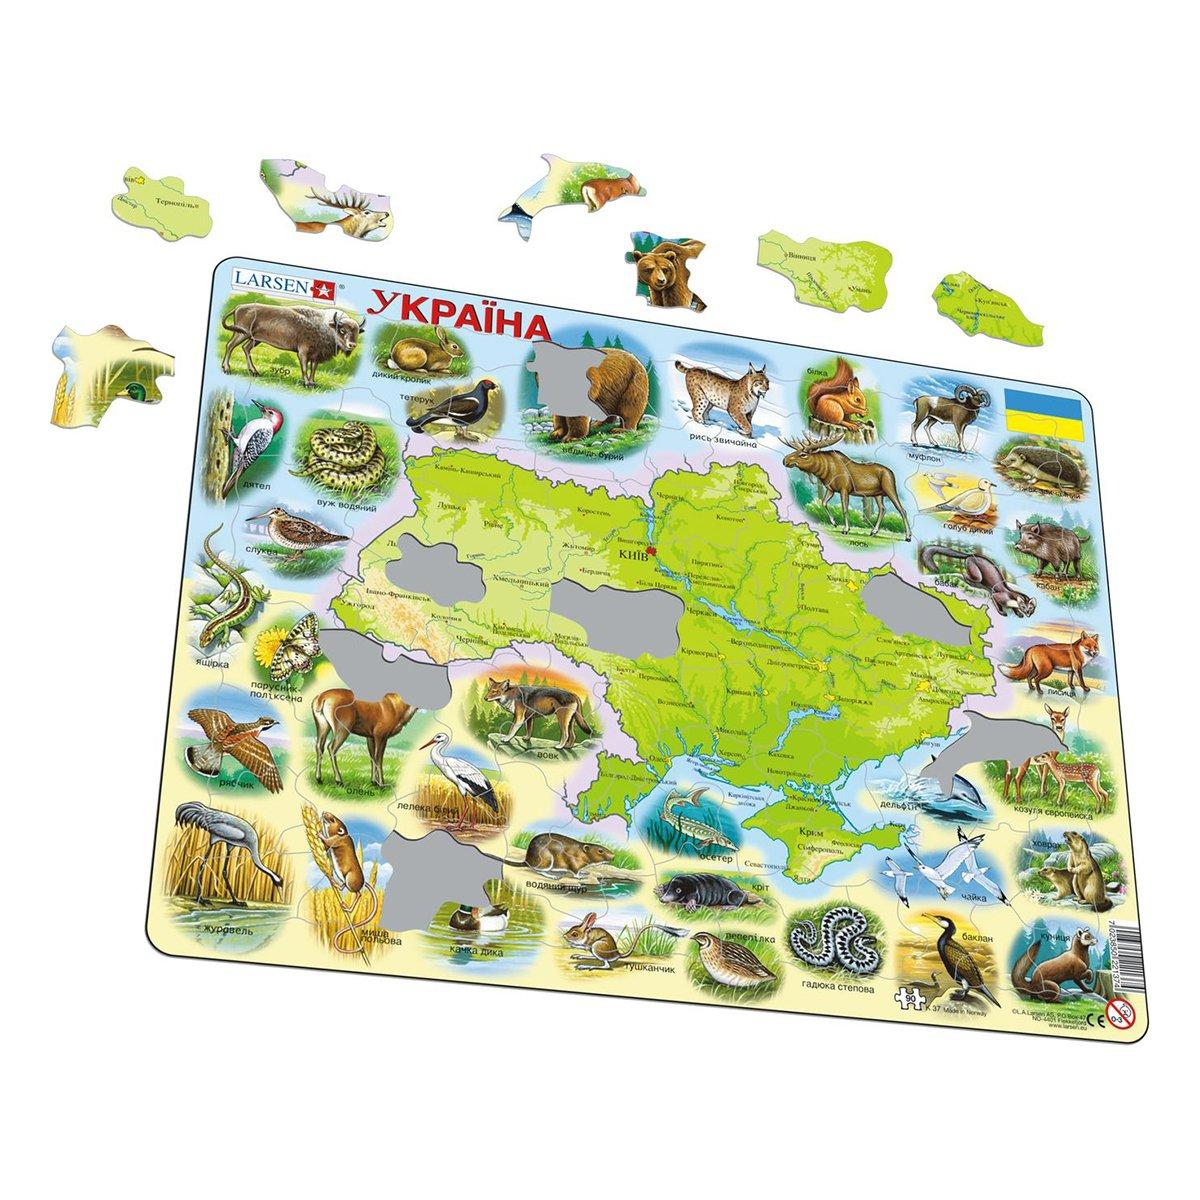 Купить Пазлы, Пазл-вкладыш Larsen Карта Украины – животный мир 90 эл K37 ТМ: Larsen